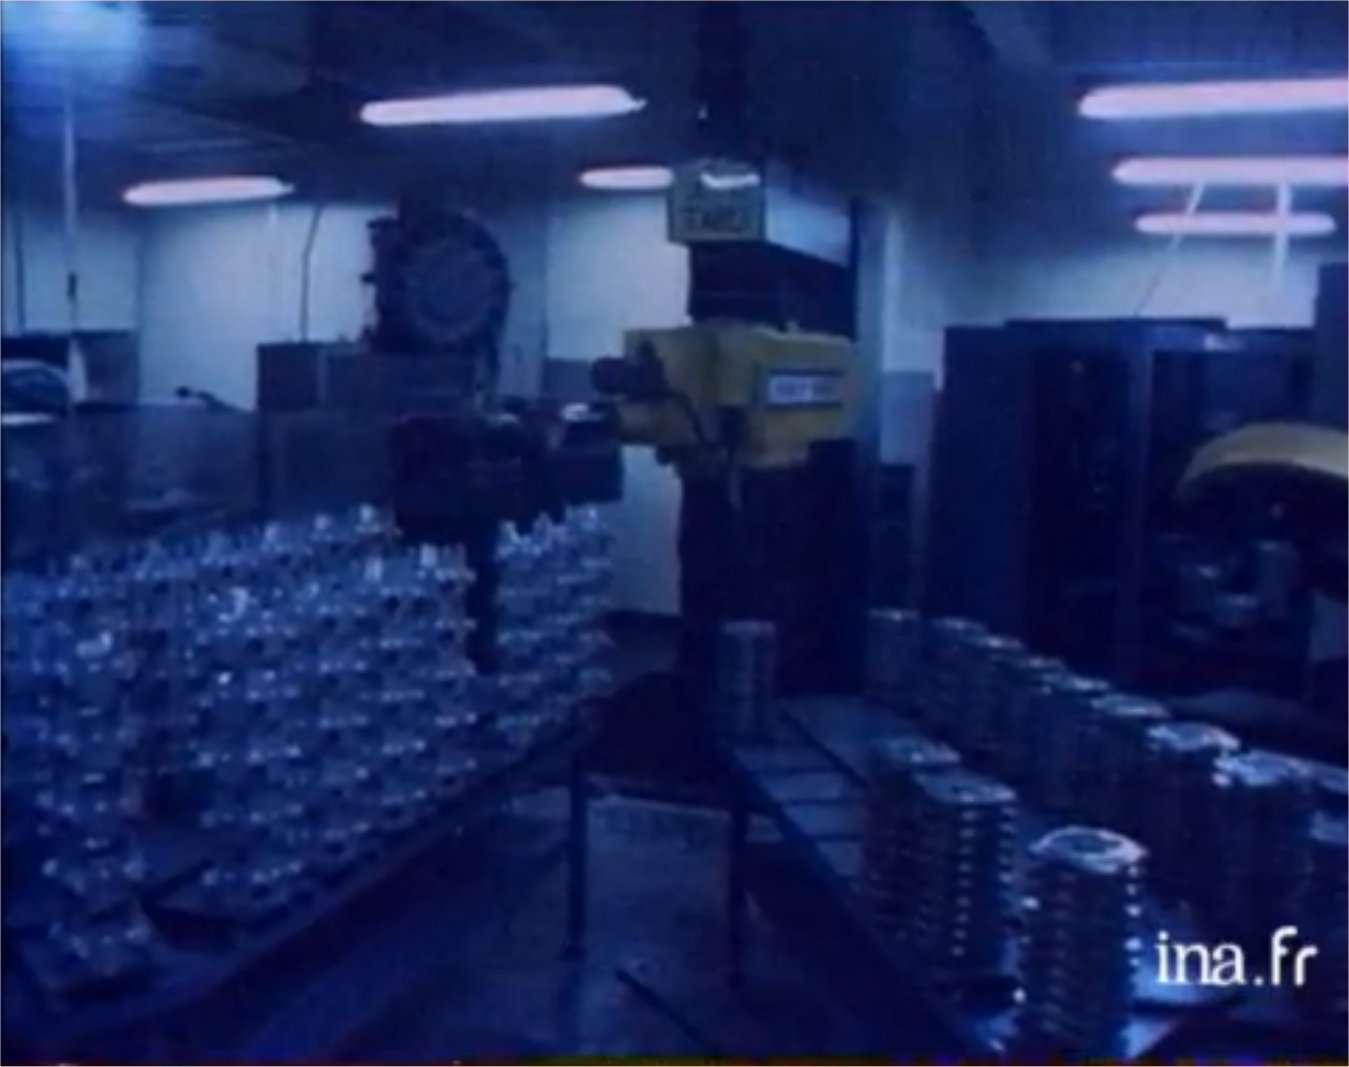 En 1980, l'industrie japonaise utilise 50.000 robots quand il y en a 300 en France. © Ina